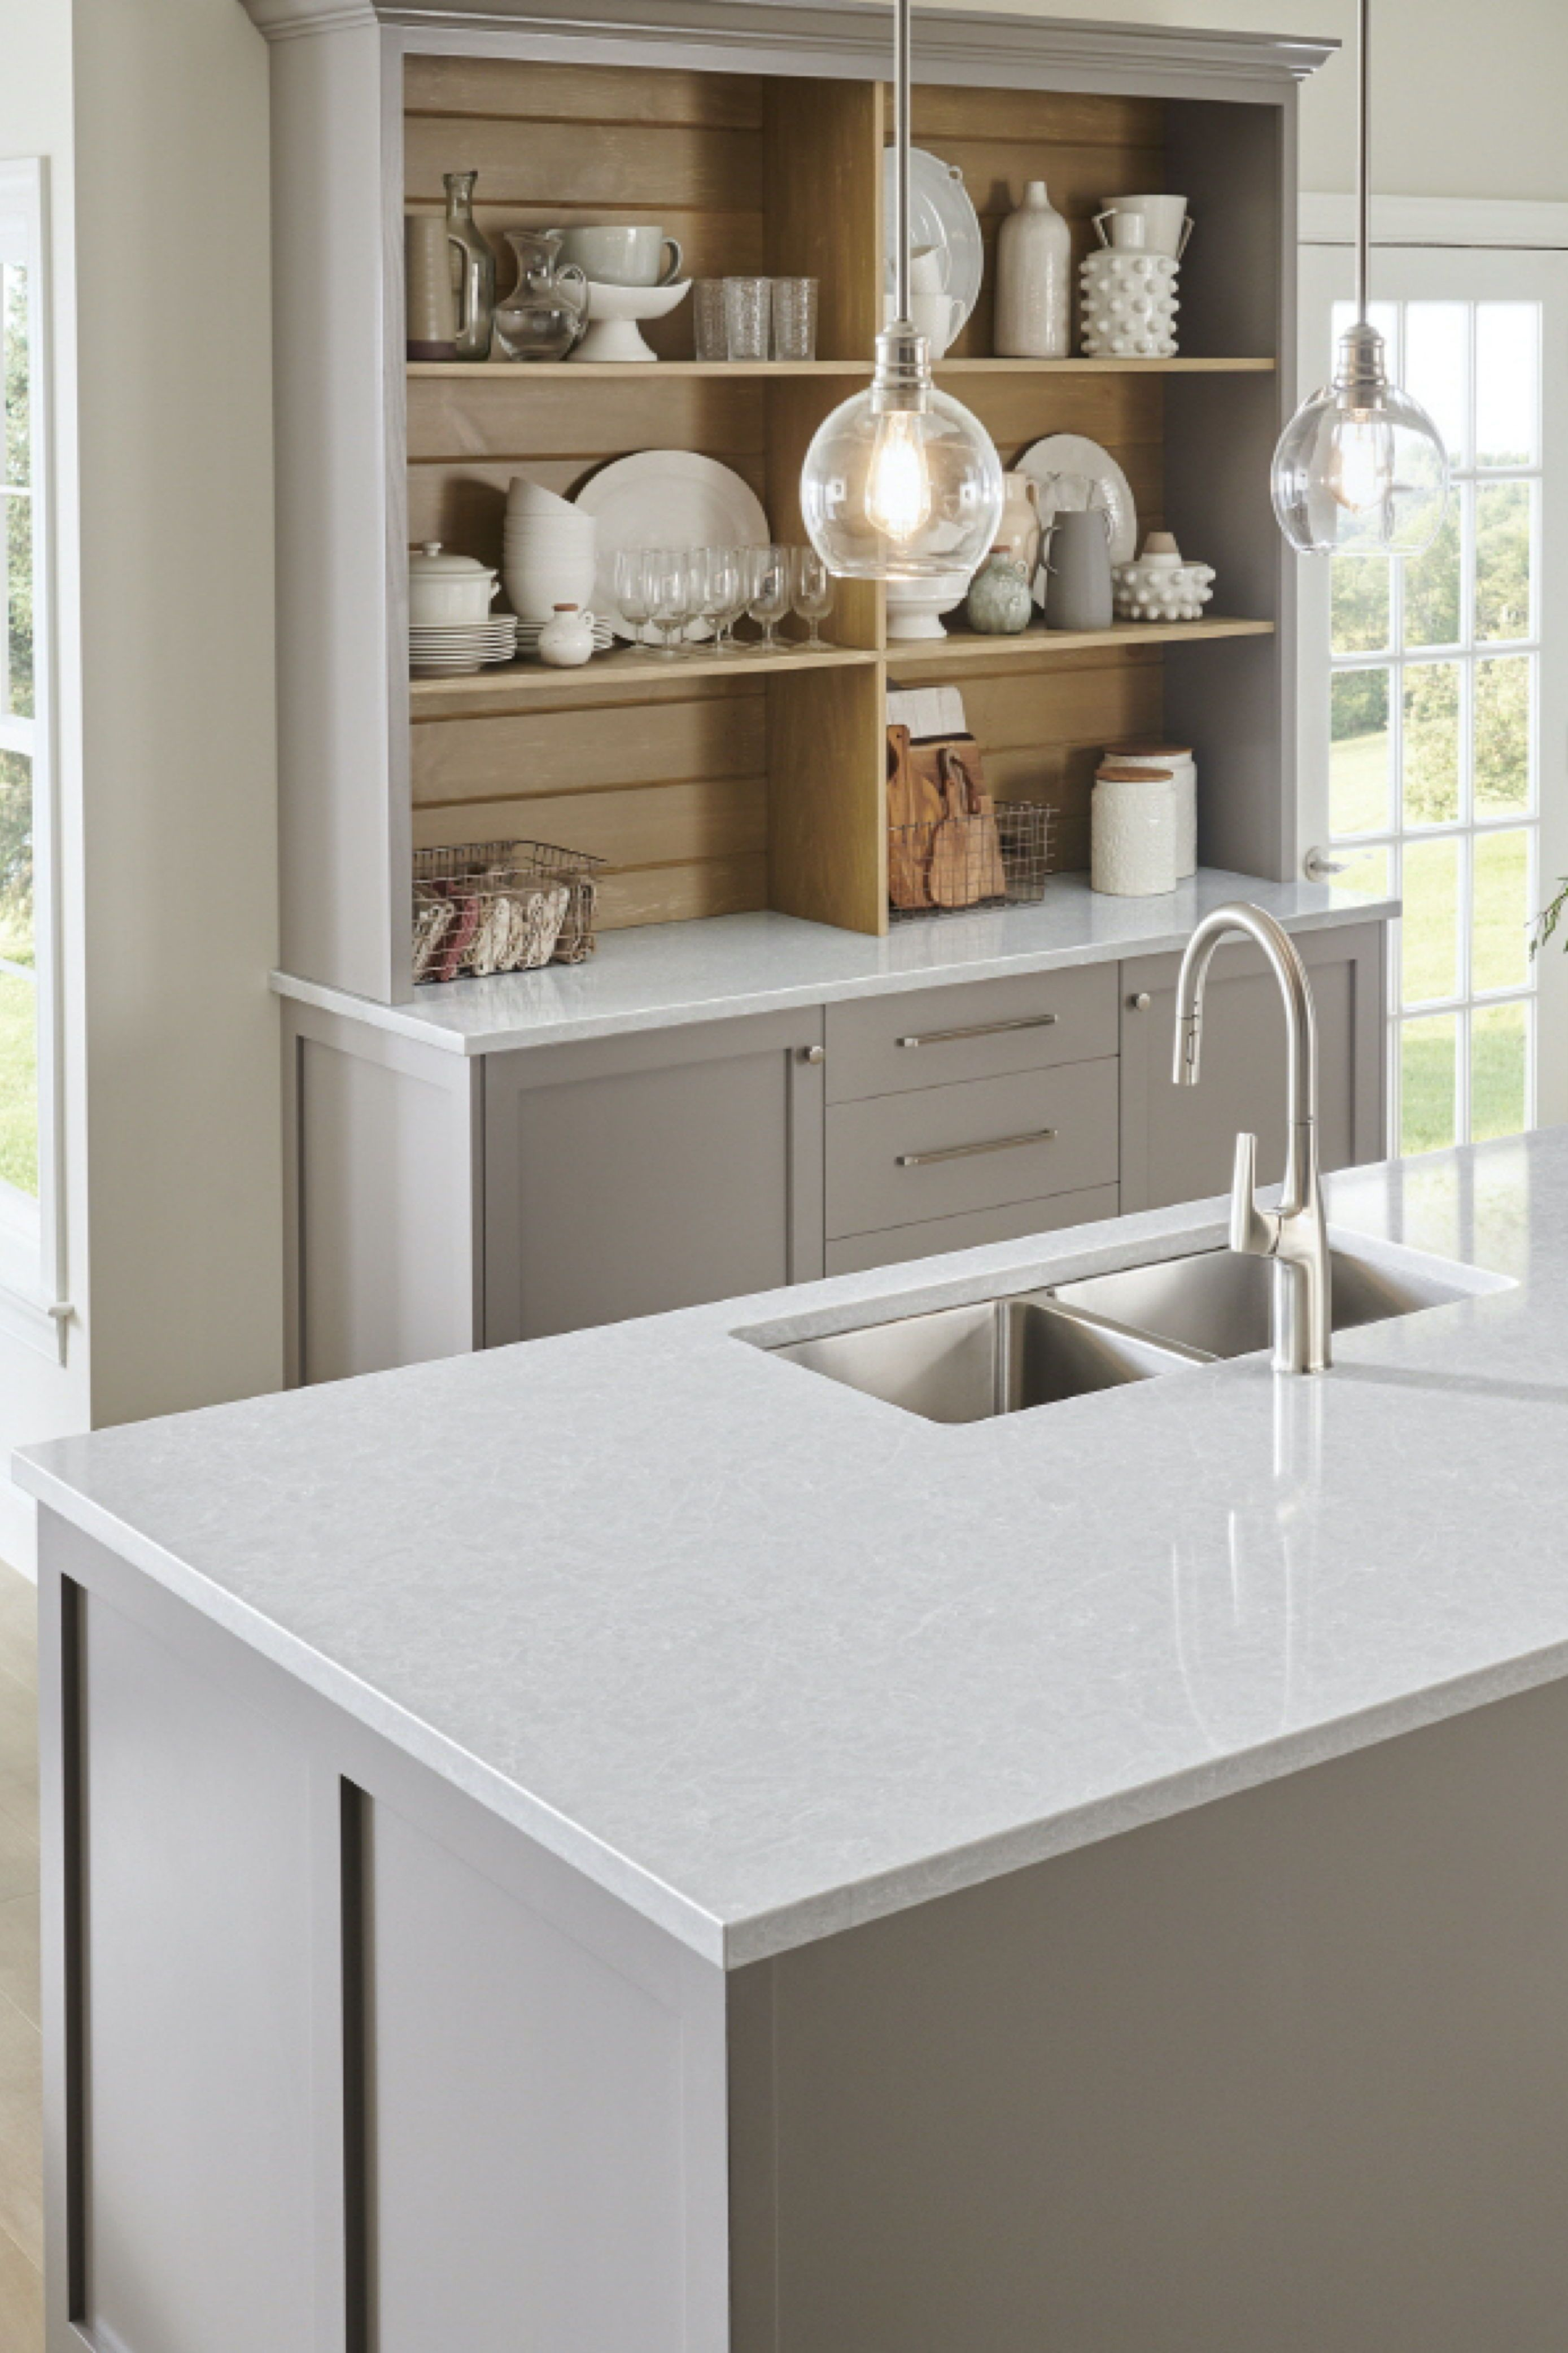 Mica Lg Viatera Quartz Countertops Cost Reviews Quartz Kitchen Countertops Quartz Kitchen Kitchen Countertops